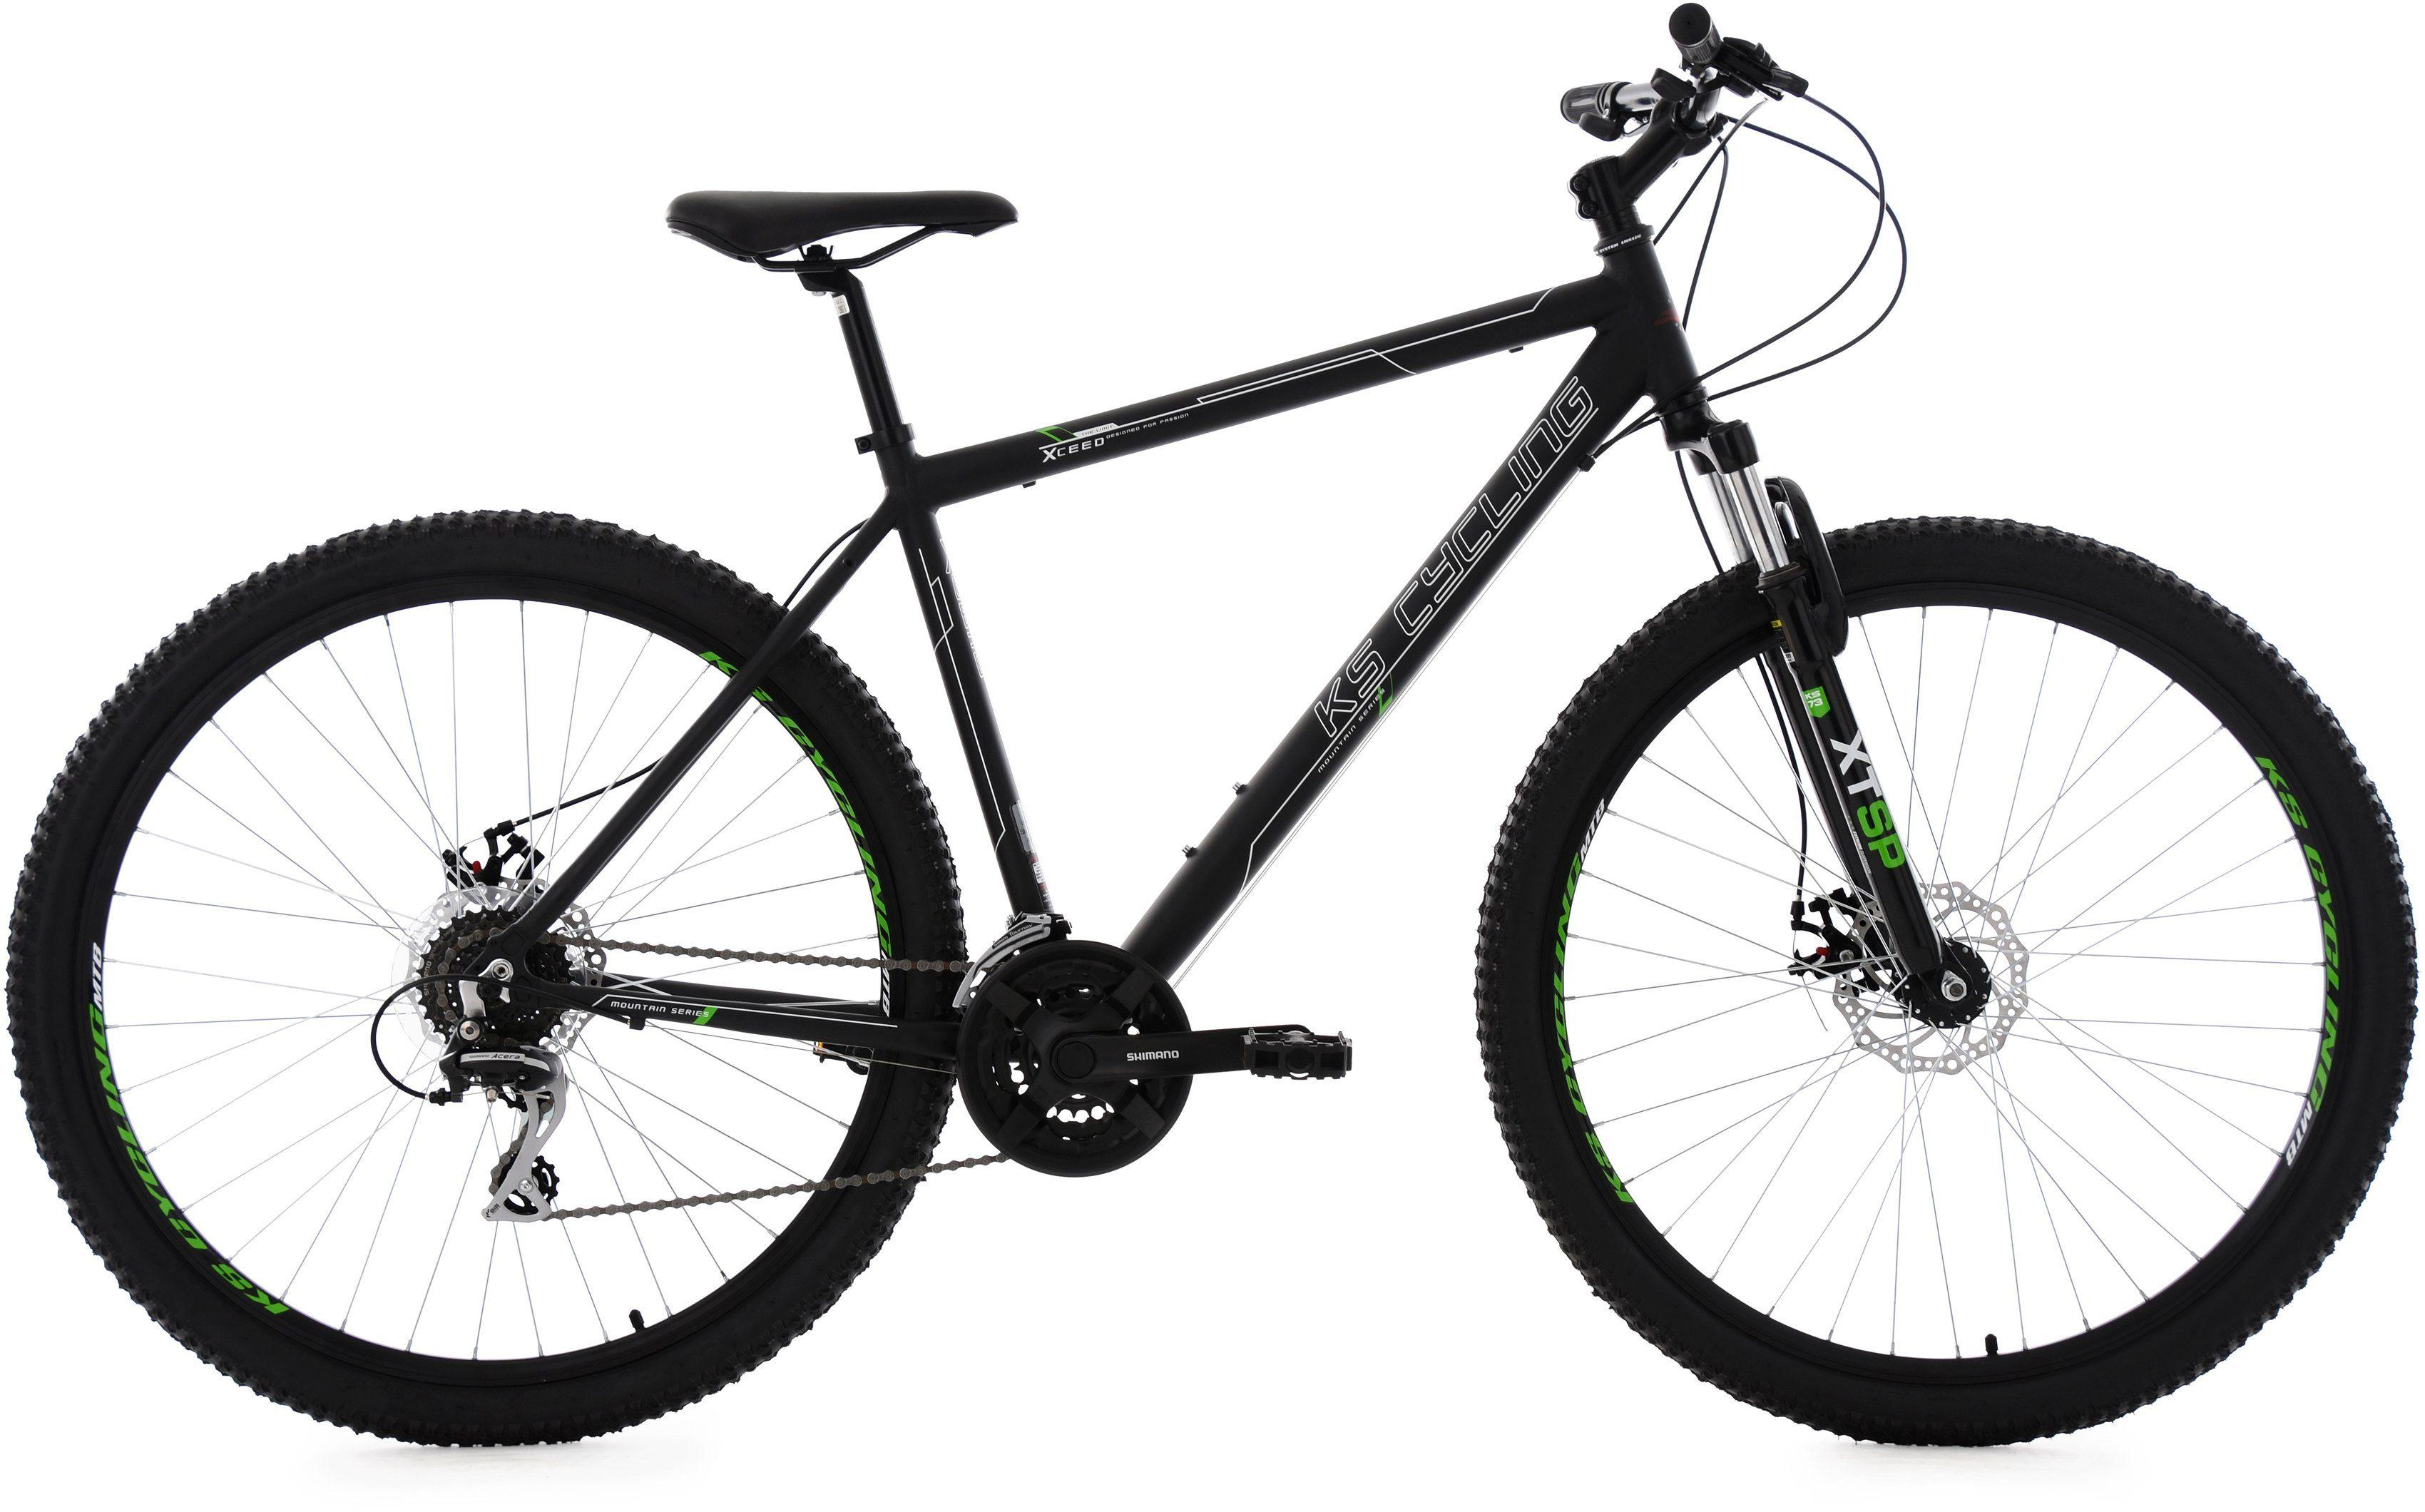 KS Cycling Herren Hardtail-Mountainbike, 29 Zoll, 24 Gang-Kettenschaltung, schwarz, »Xceed«